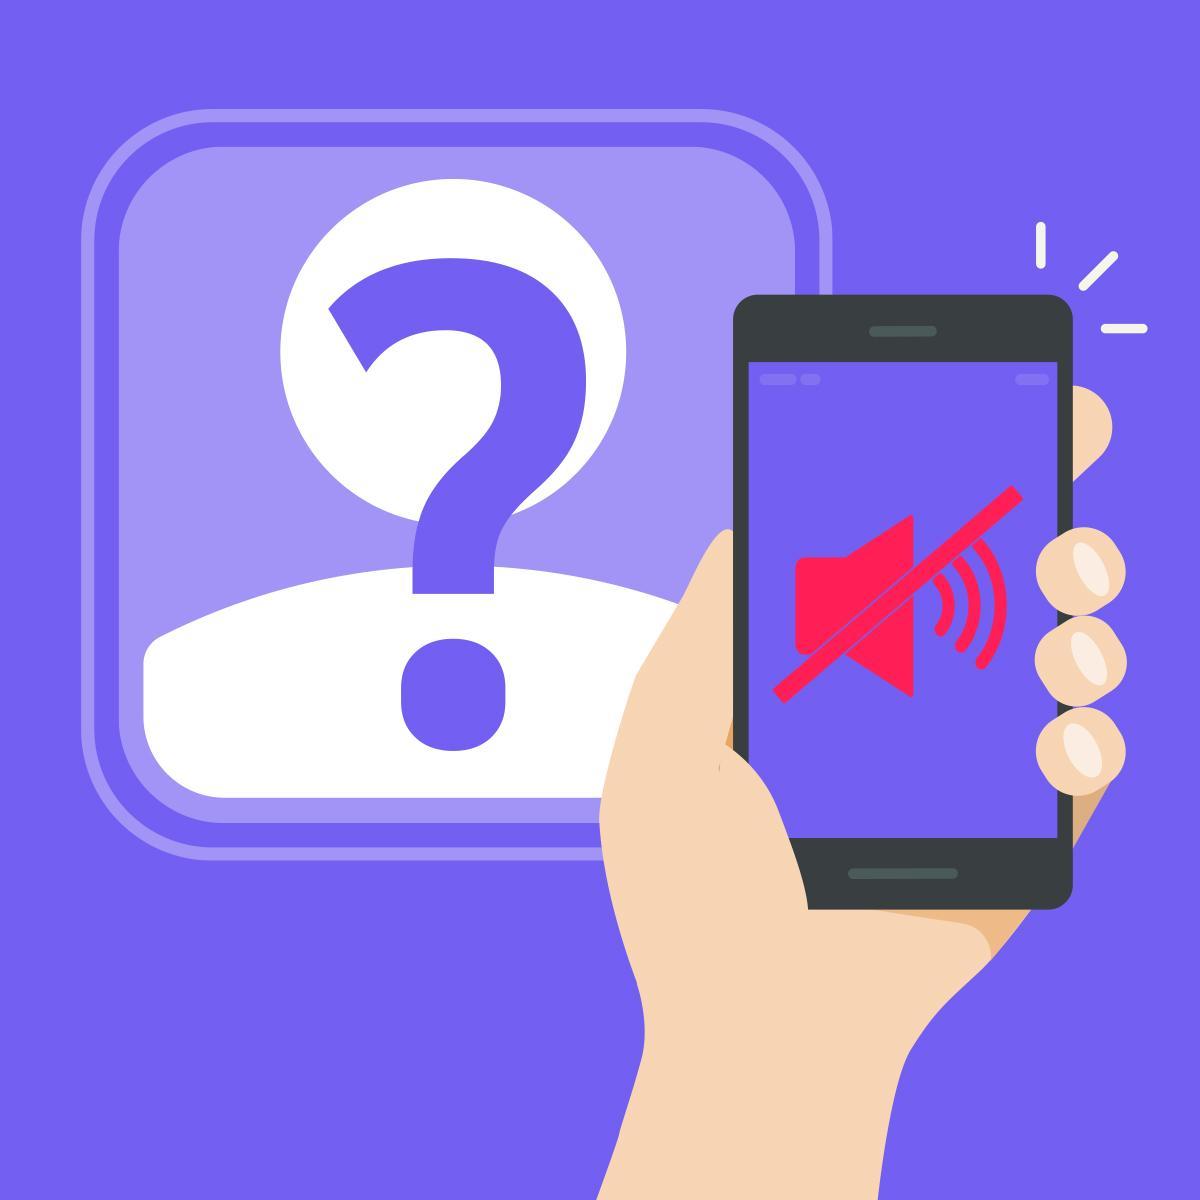 В Viber появилась функция защиты от звонков от неизвестных контактов (Viber visual)